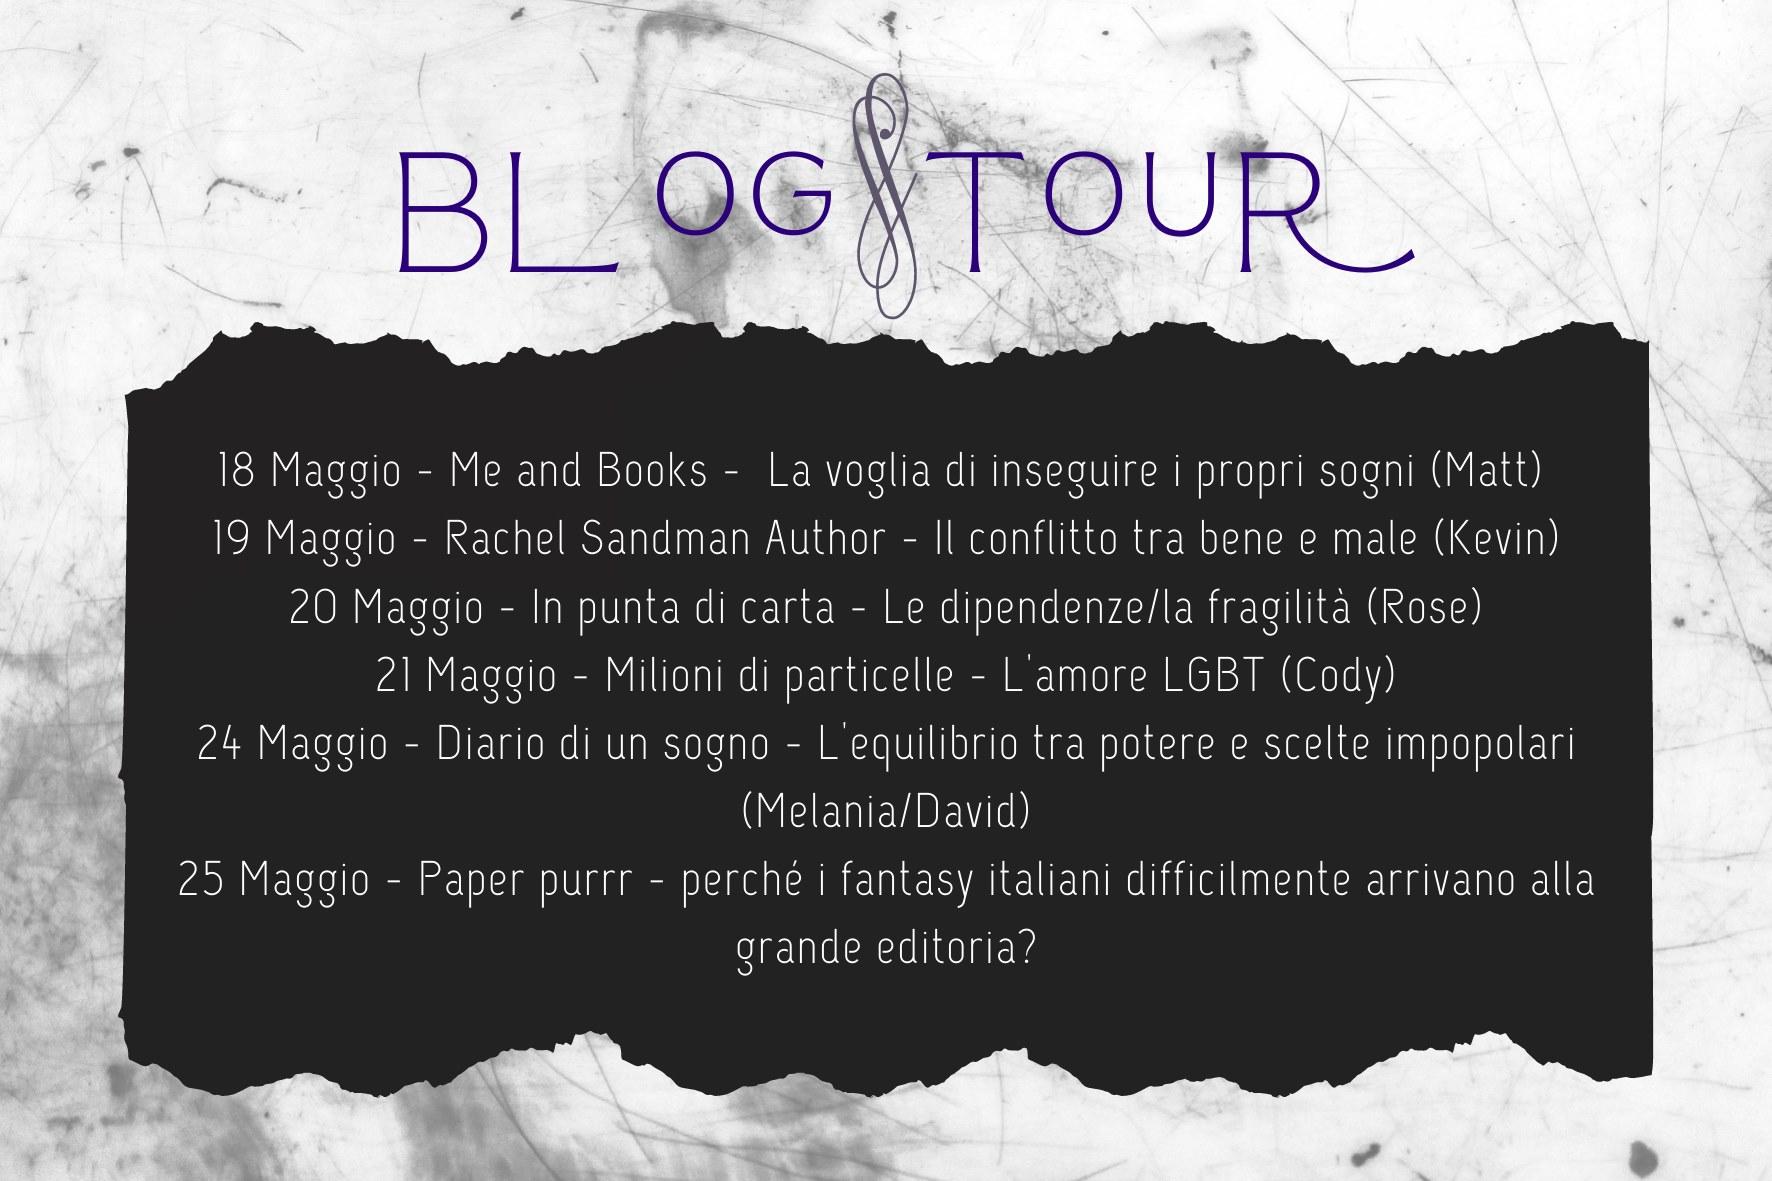 Blogtour - La voglia di inseguire i propri sogni (Matt)